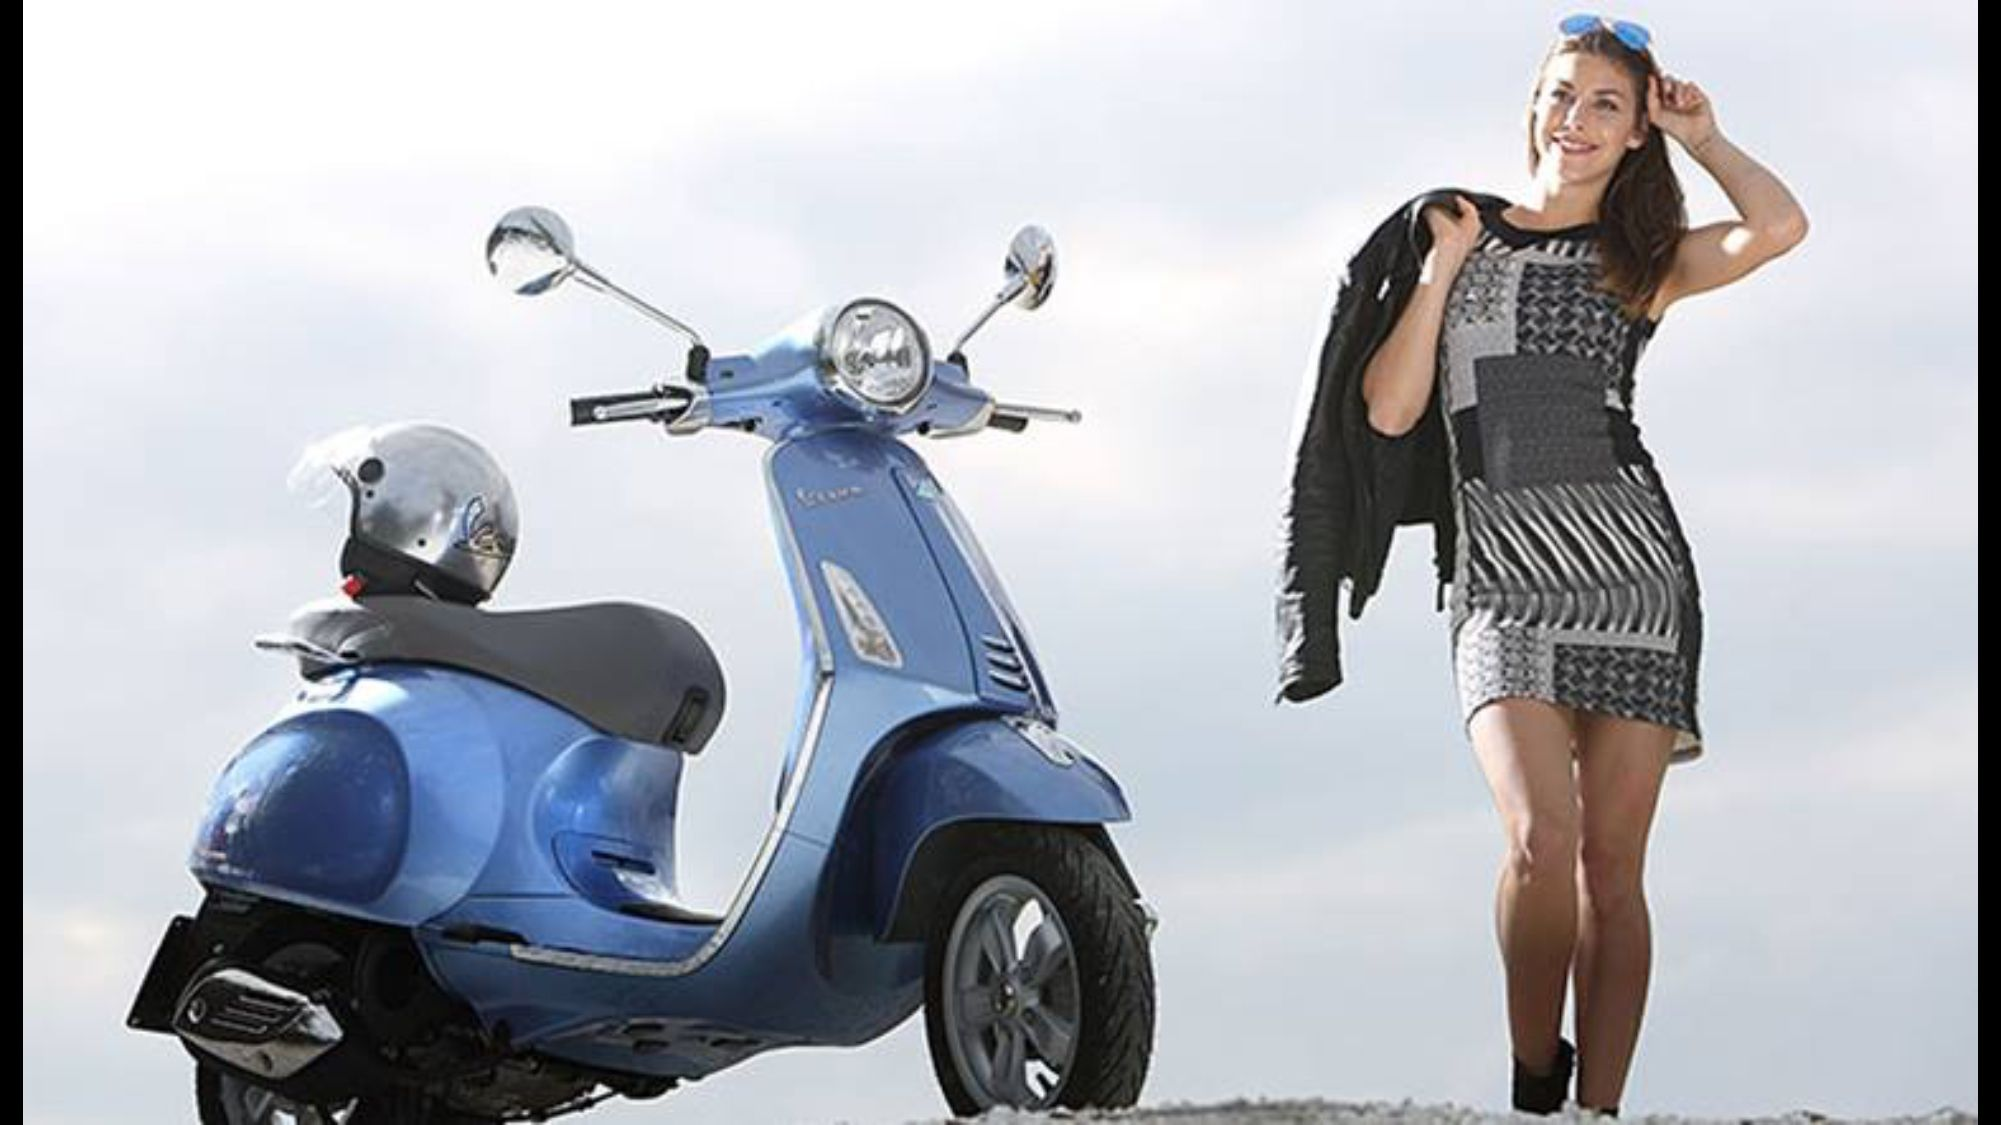 Hot Primavera Vespa Vespahartford Scooter Scootercentrale Fun Spring Smile Primavera Vespa Girl Scooter Girl Vespa